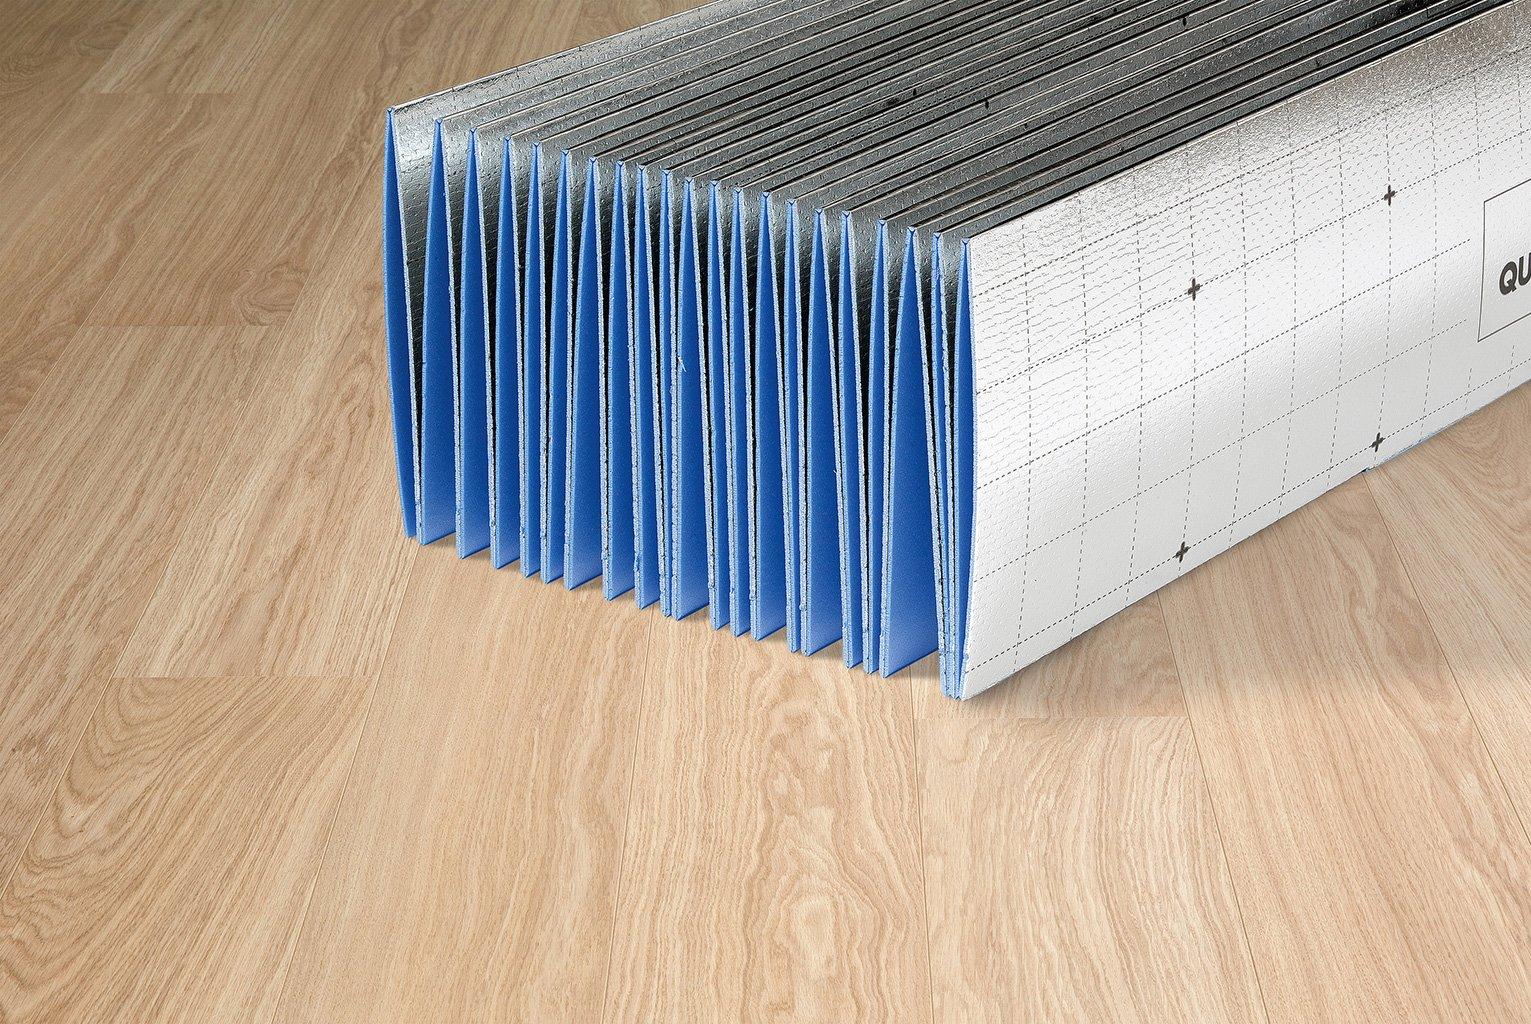 SOUS COUCHE parquet stratifié lames vinyles clipsables sol plastique pas cher domaine sol et mur espace revêtements nieppe